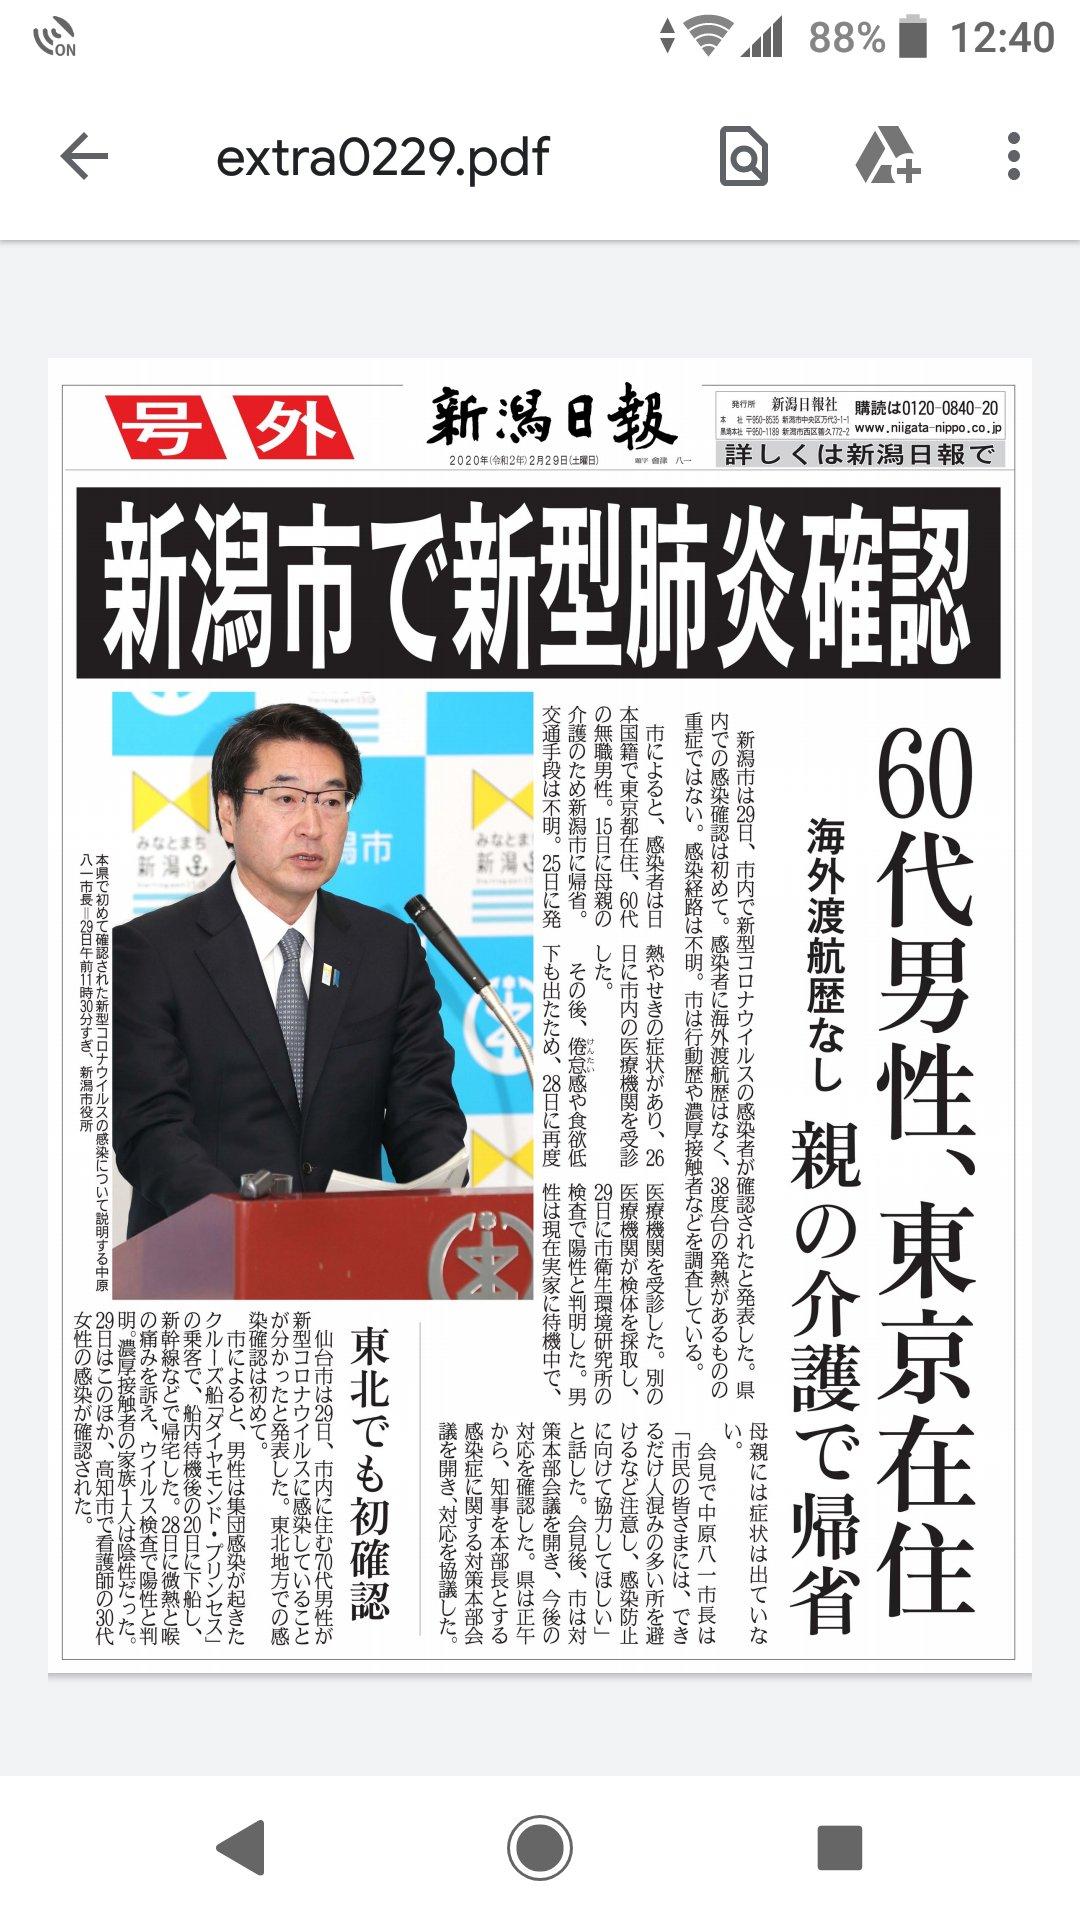 画像,お母さんの介護のために、東京から新潟に帰省してた人かぁ……新潟に新型コロナウイルス来るなら東京方面からだろうなぁって思ってたけどやっぱりかぁ https://t…